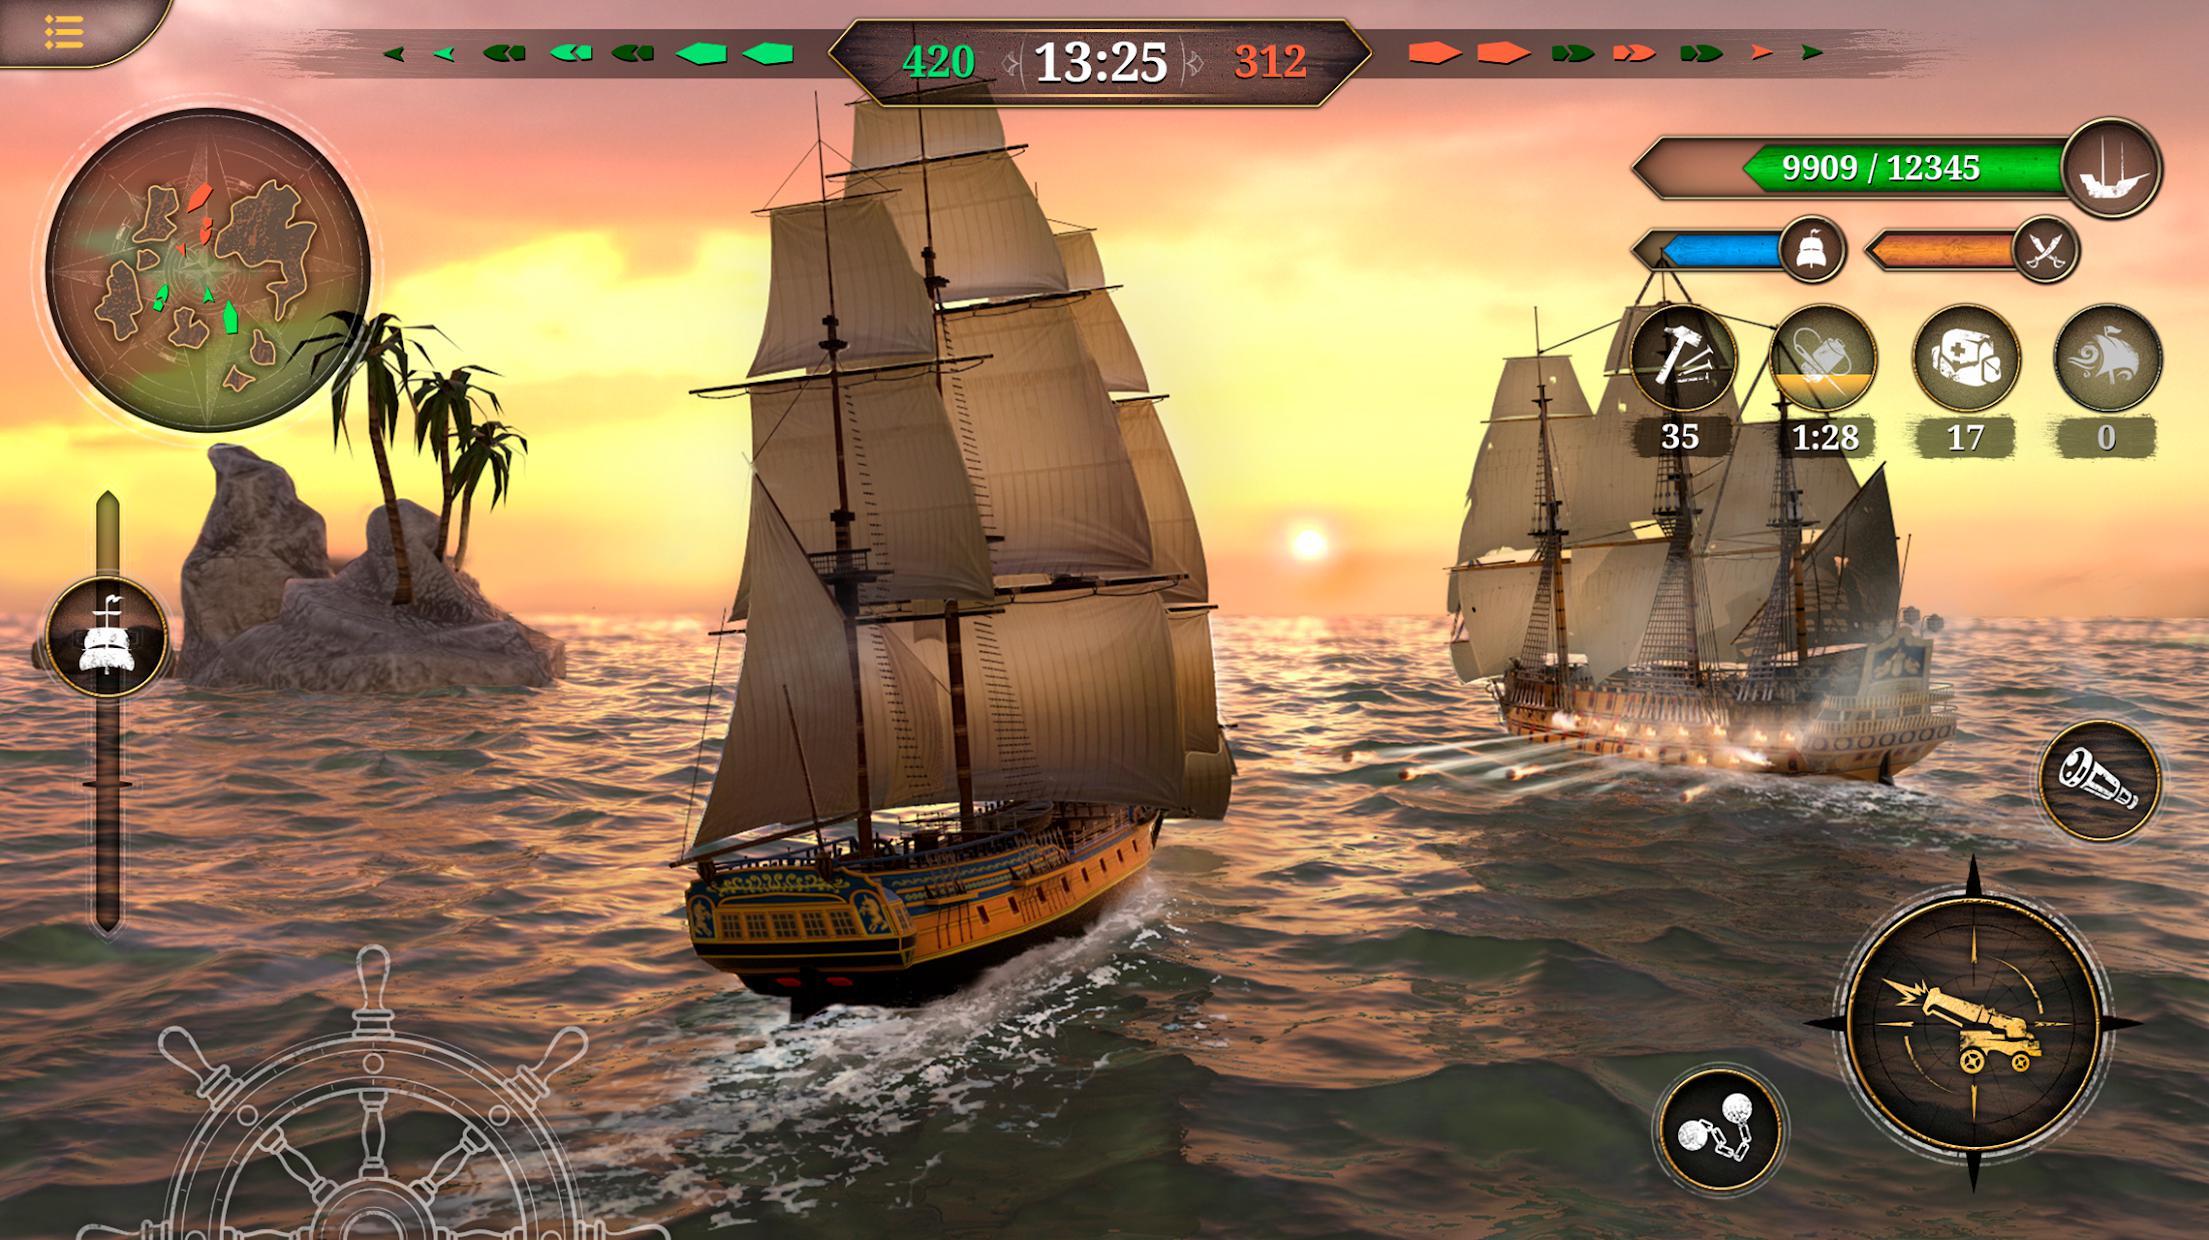 航海王:皇家海军 游戏截图1